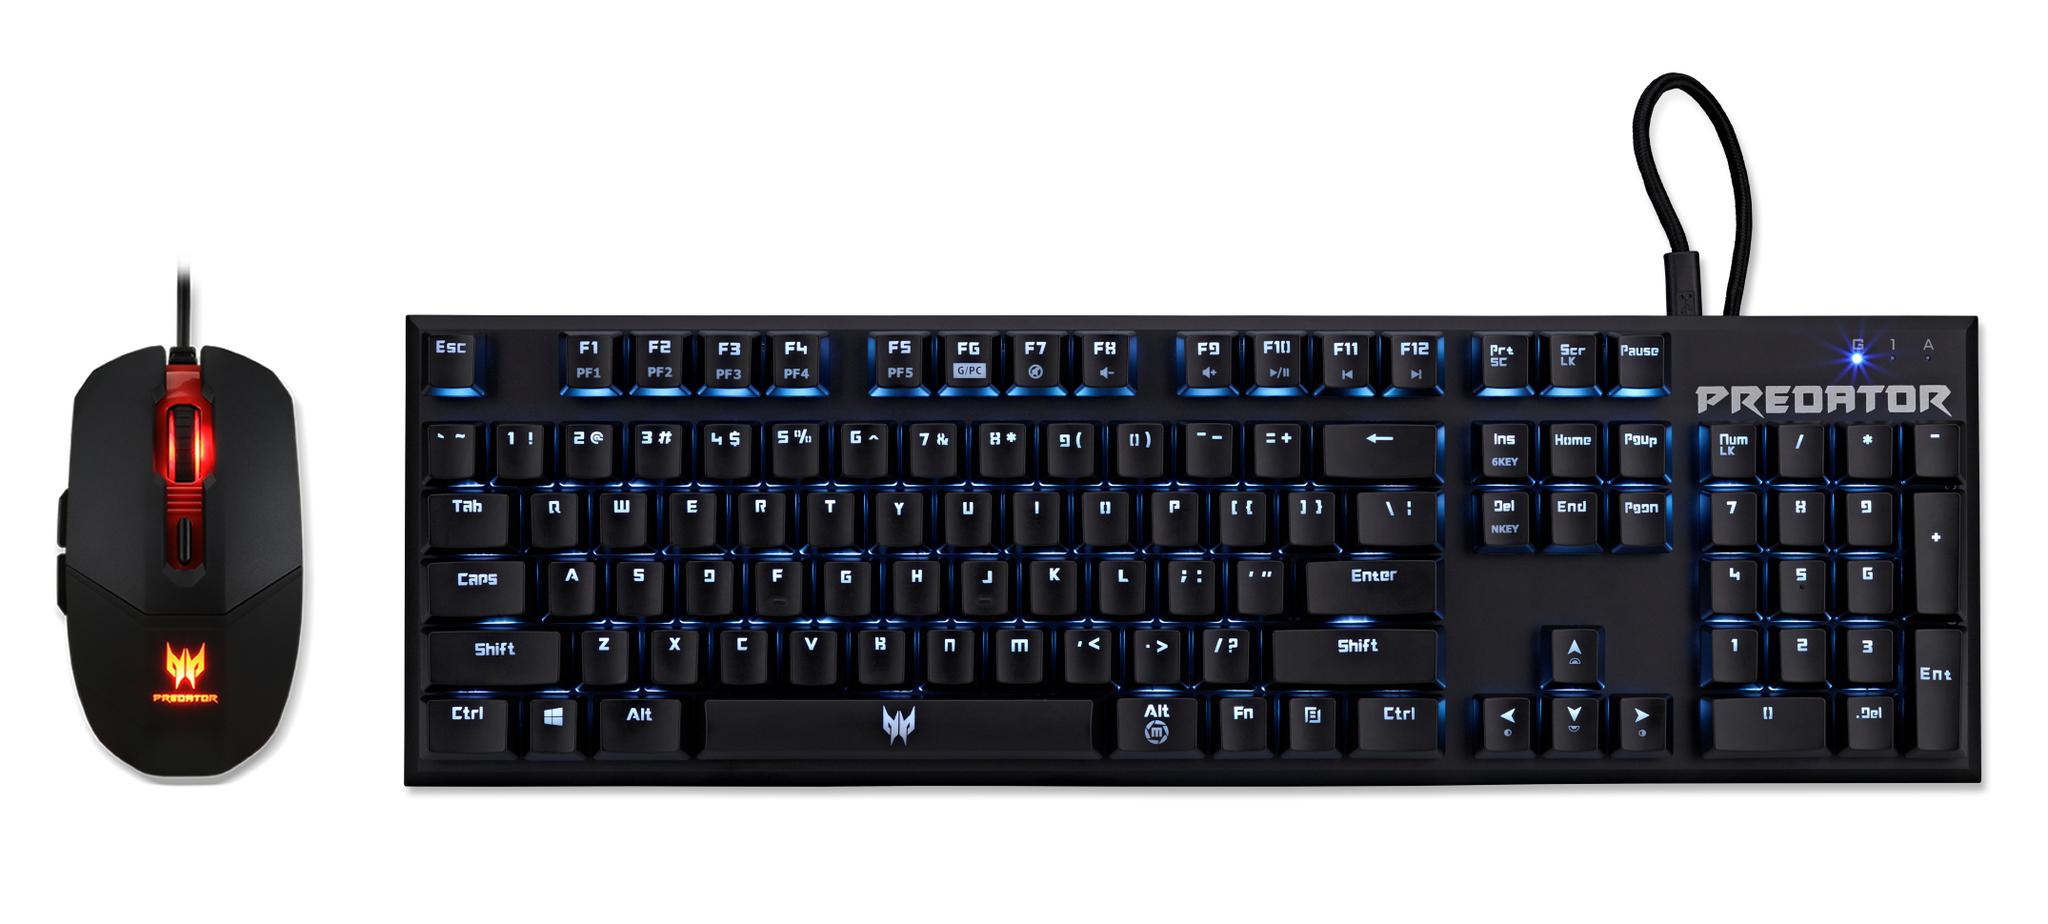 Acer Predator Mechanical kit